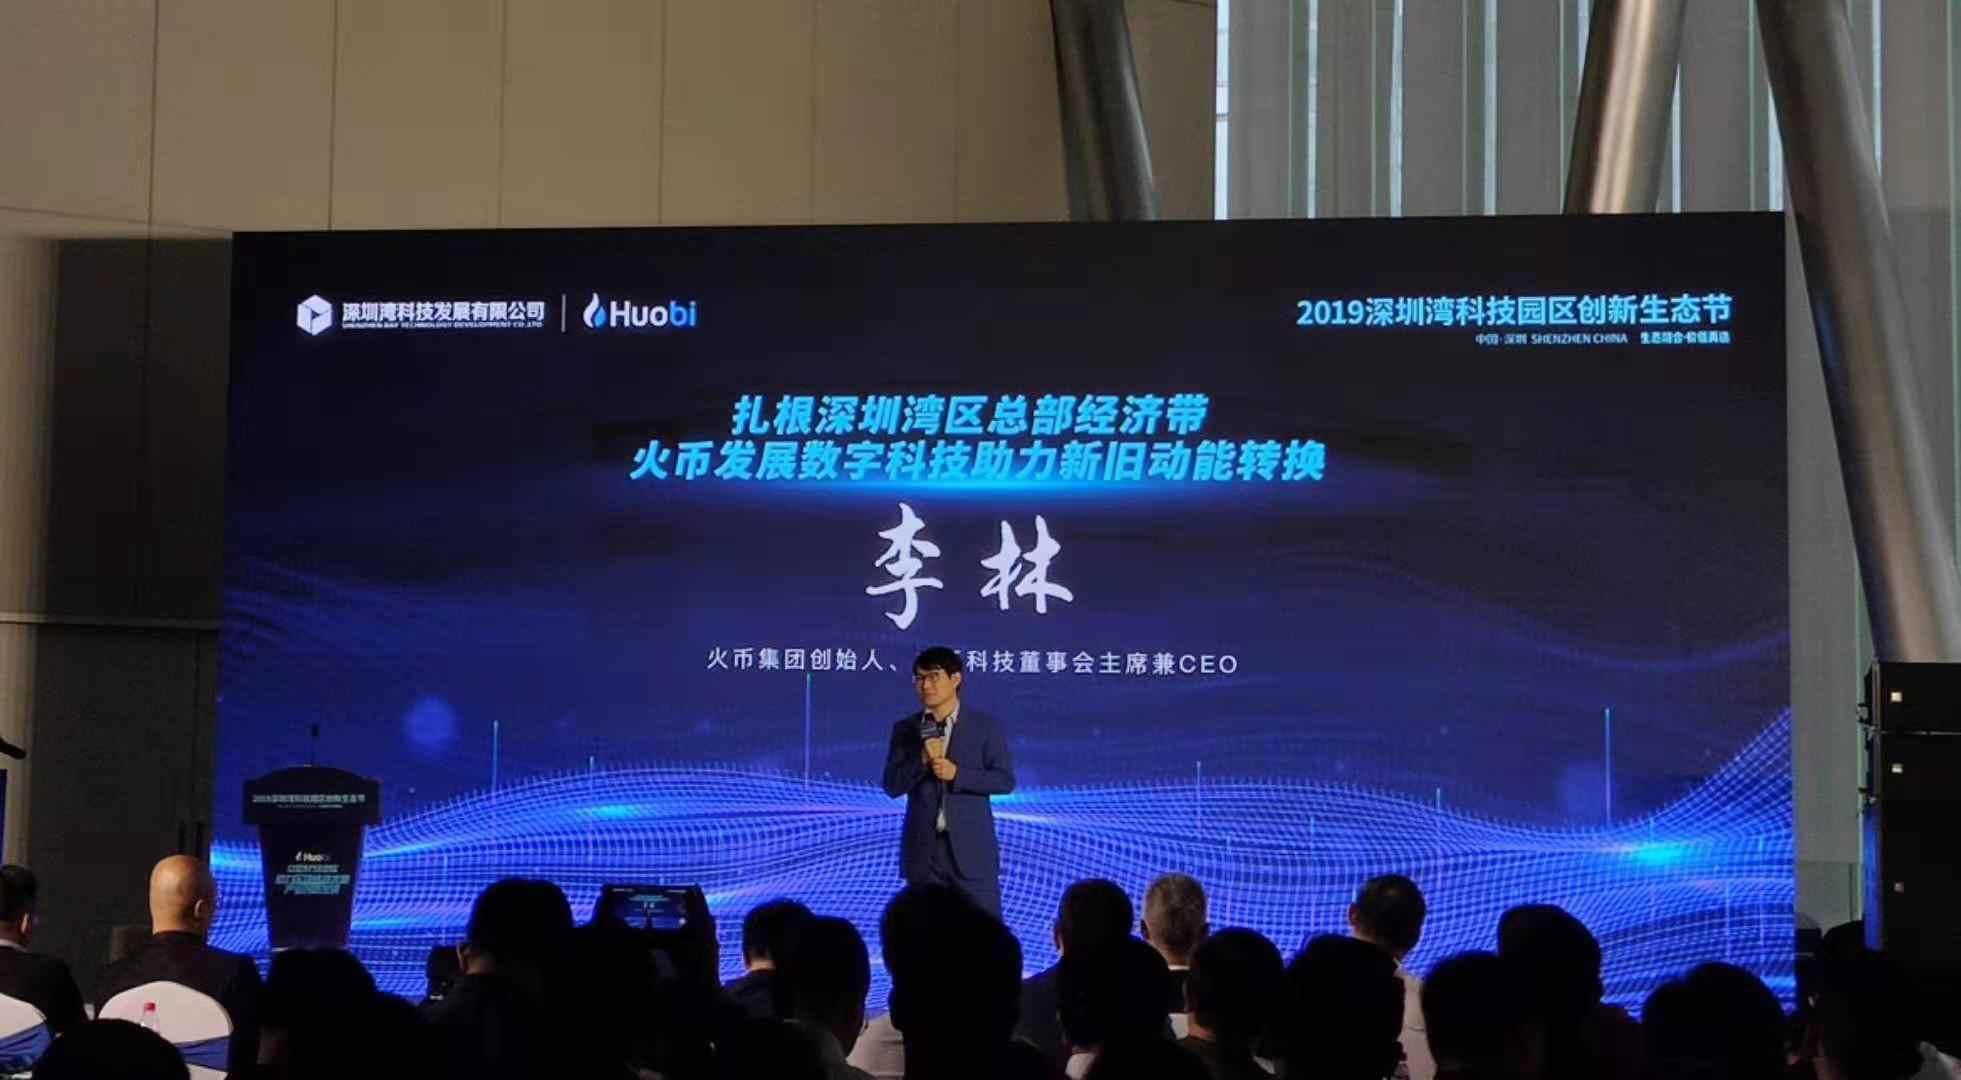 火币科技(01611)入驻深圳湾 圆桌沙龙探讨深圳区块链发展